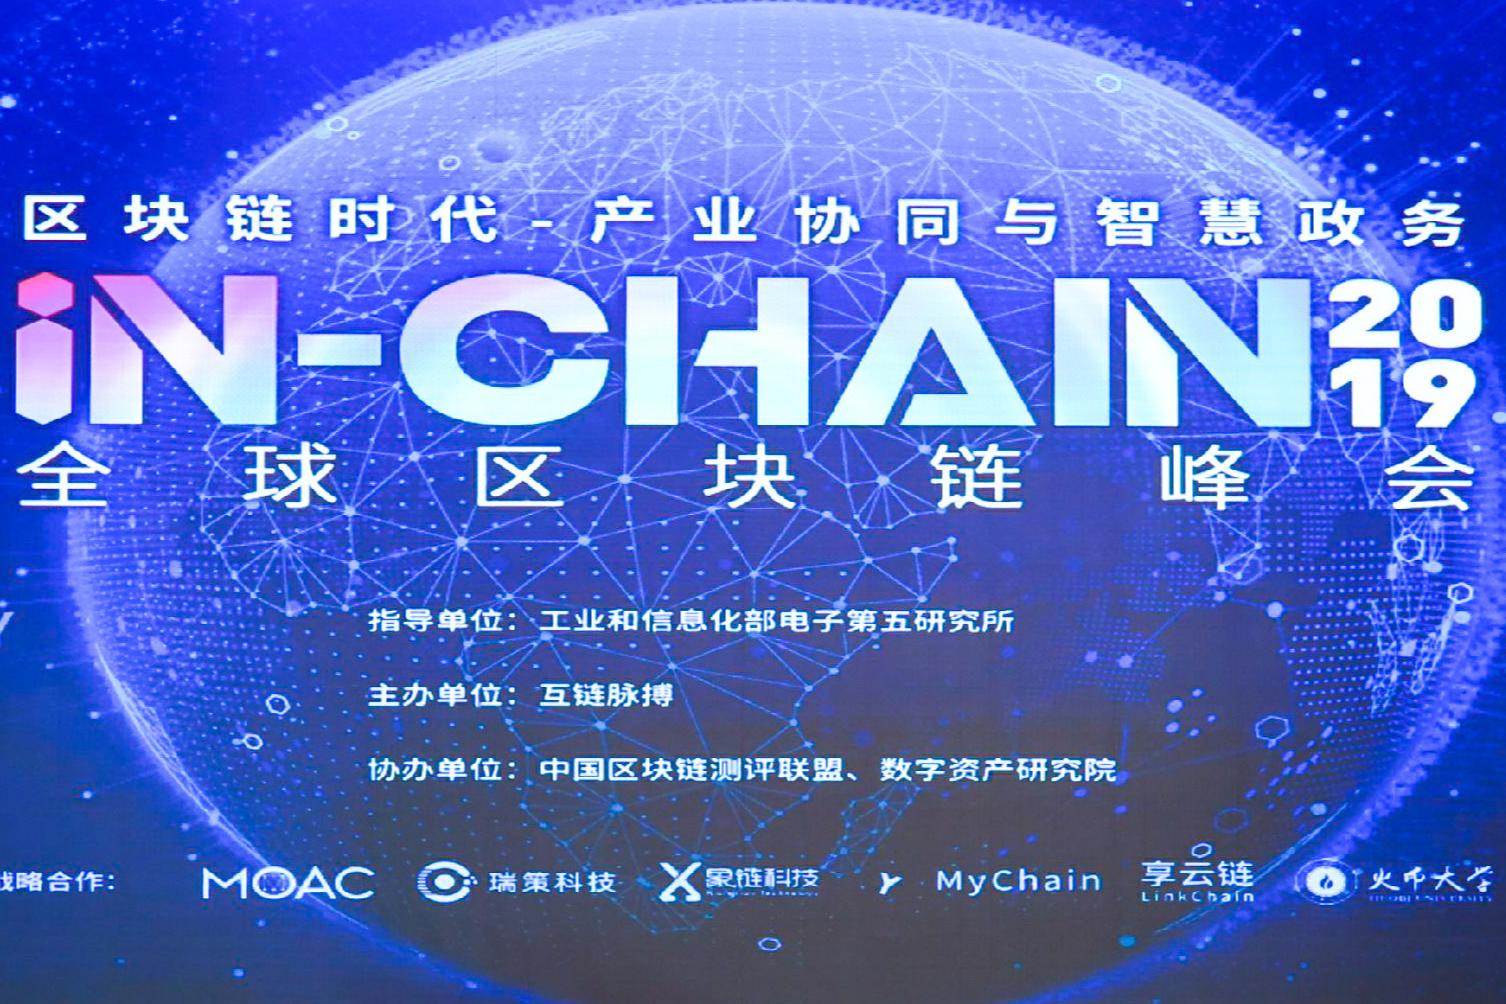 趣链科技、趣链、趣链科技、区块链、区块链技术、趣链区块链